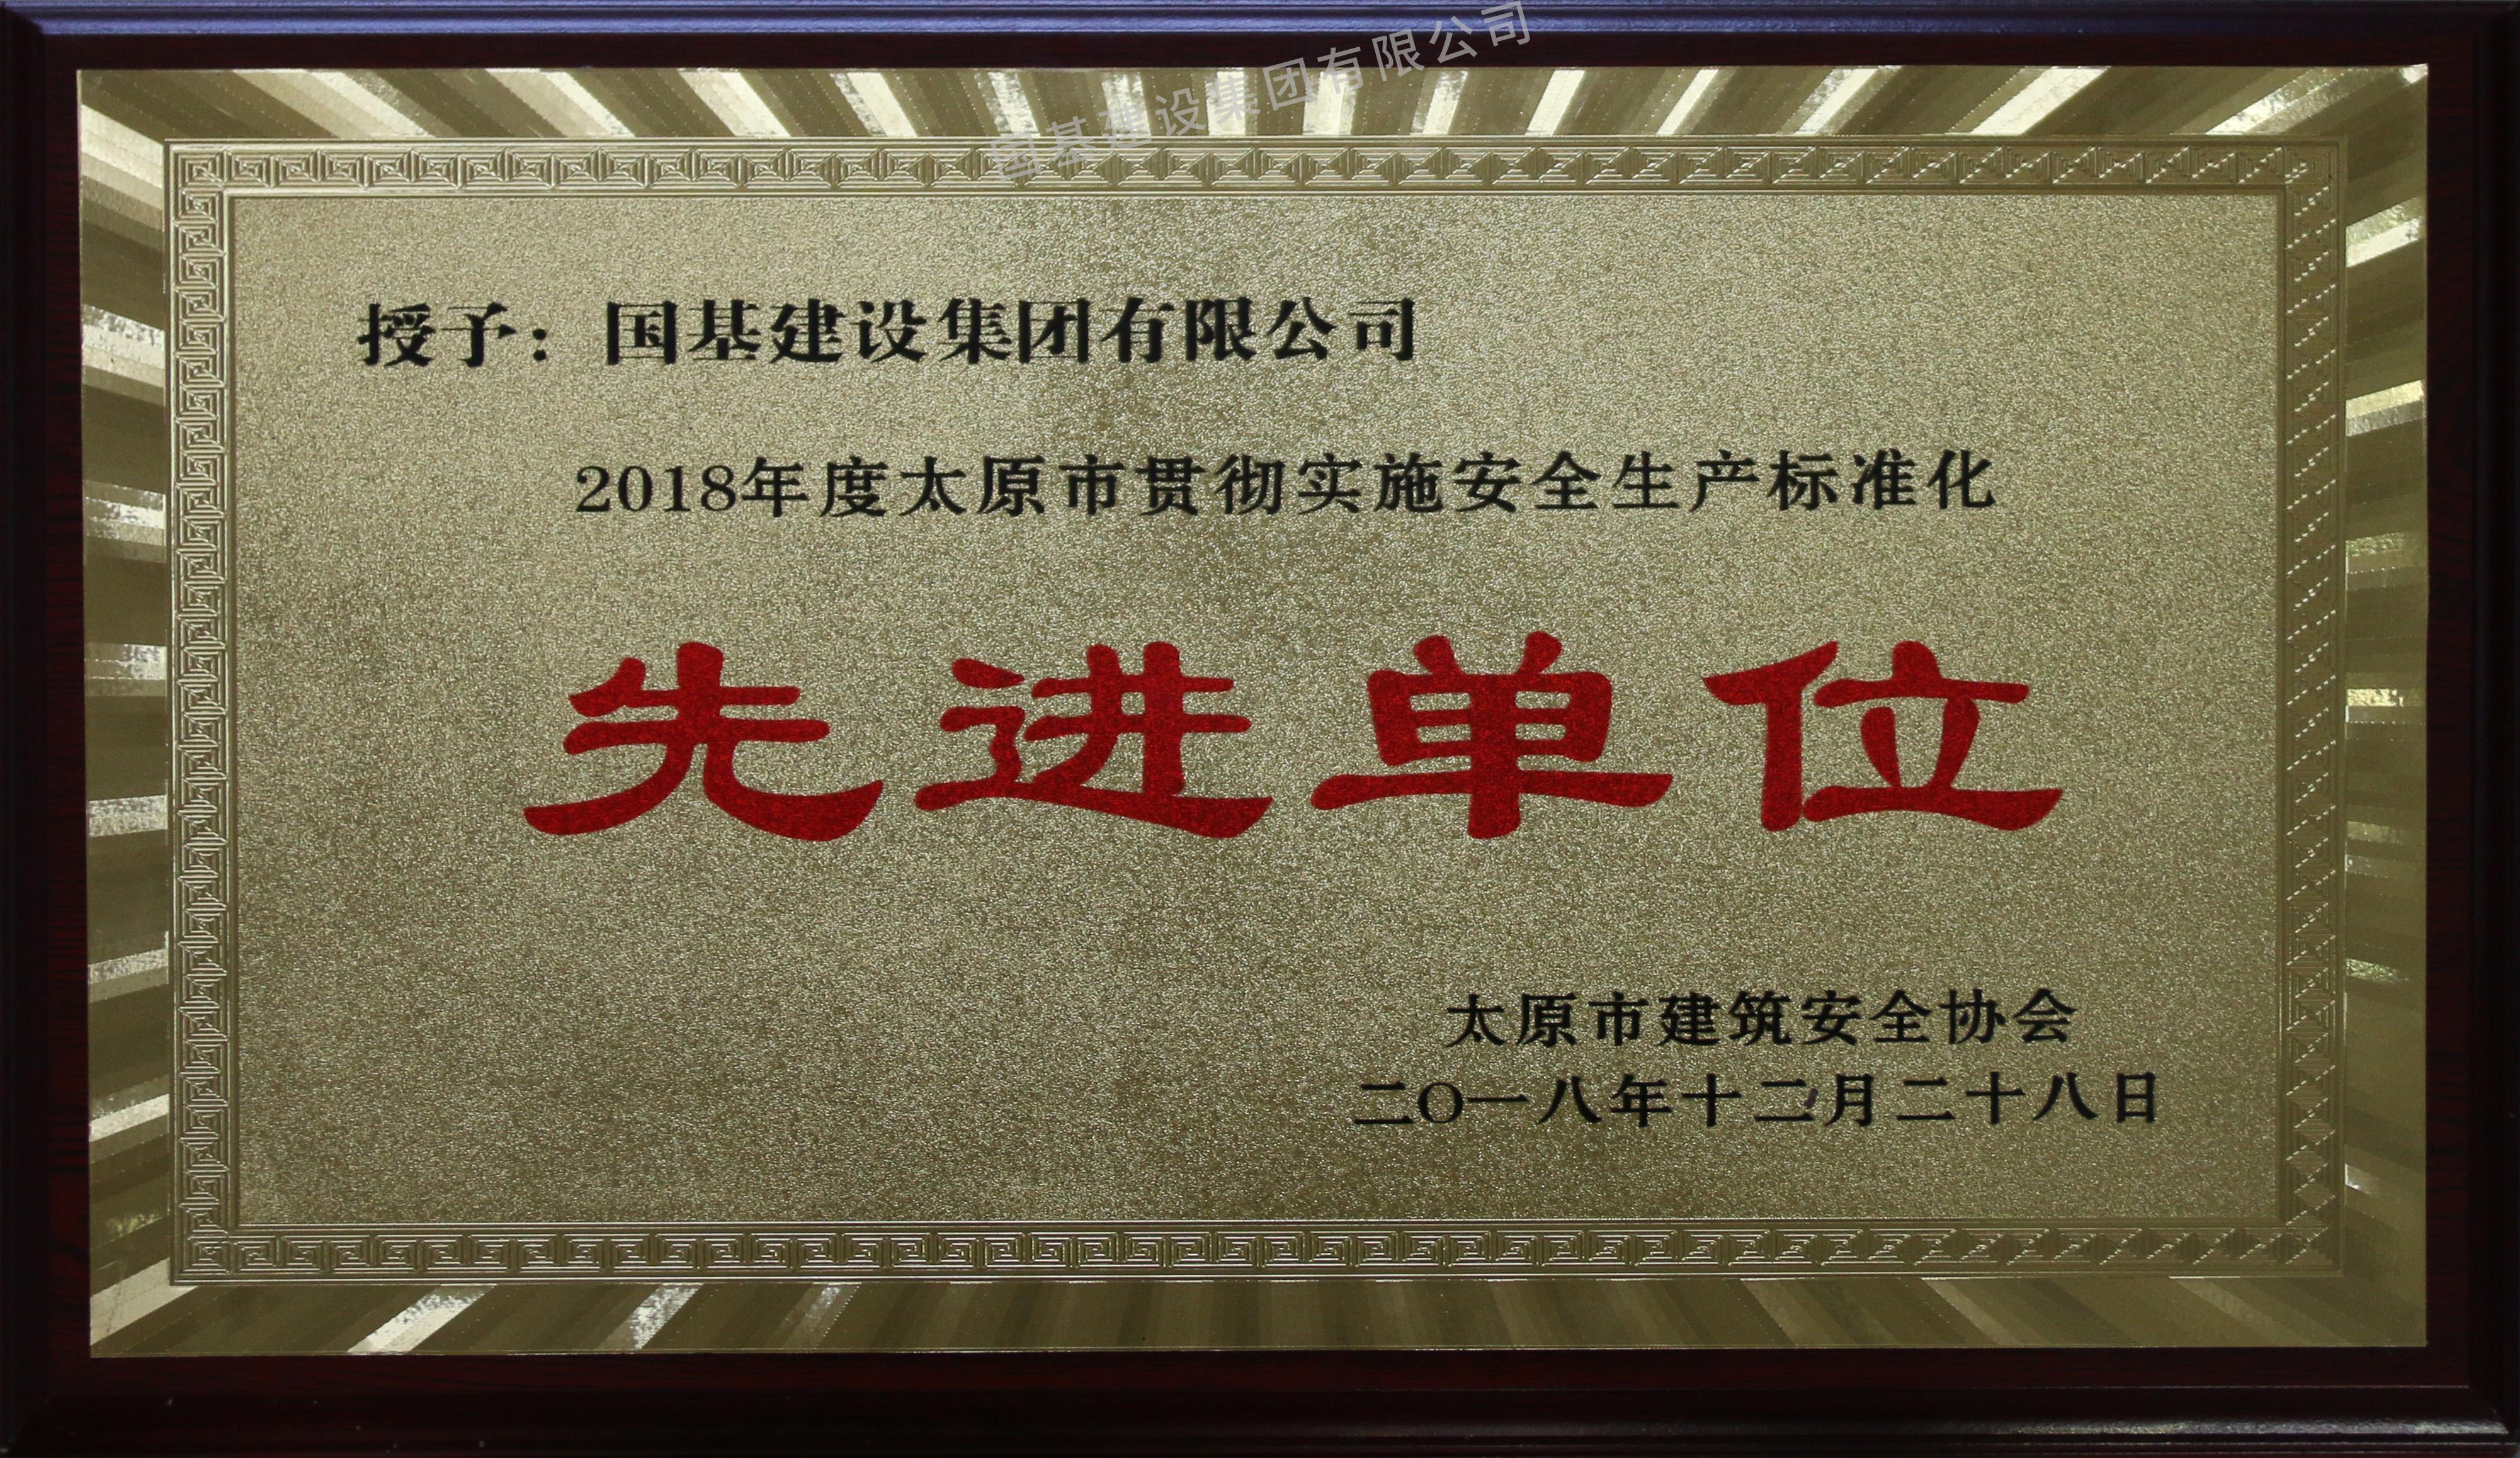 企业荣誉-2018年-2018年度太原市贯彻实施安全生产标准化先进单位